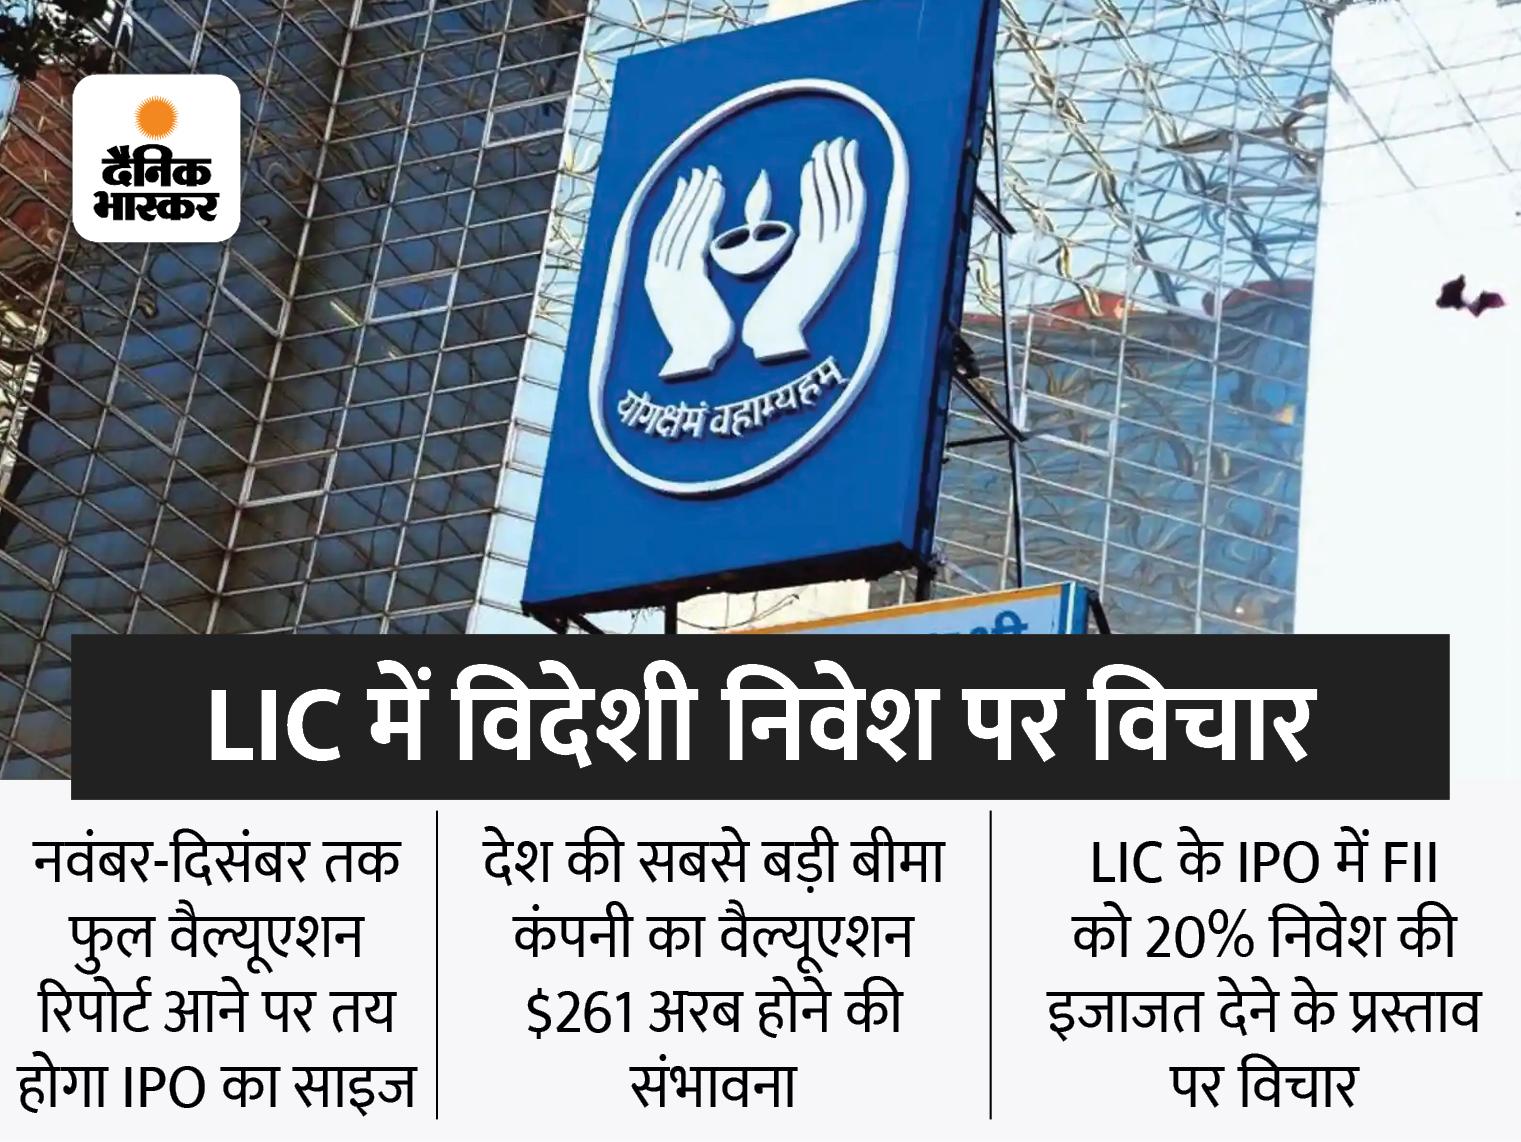 एयर इंडिया के लिए बोली की अंतिम तारीख बढ़ने की संभावना नहीं, IPO से पहले LIC में FII को मिल सकती है निवेश की इजाजत बिजनेस,Business - Dainik Bhaskar